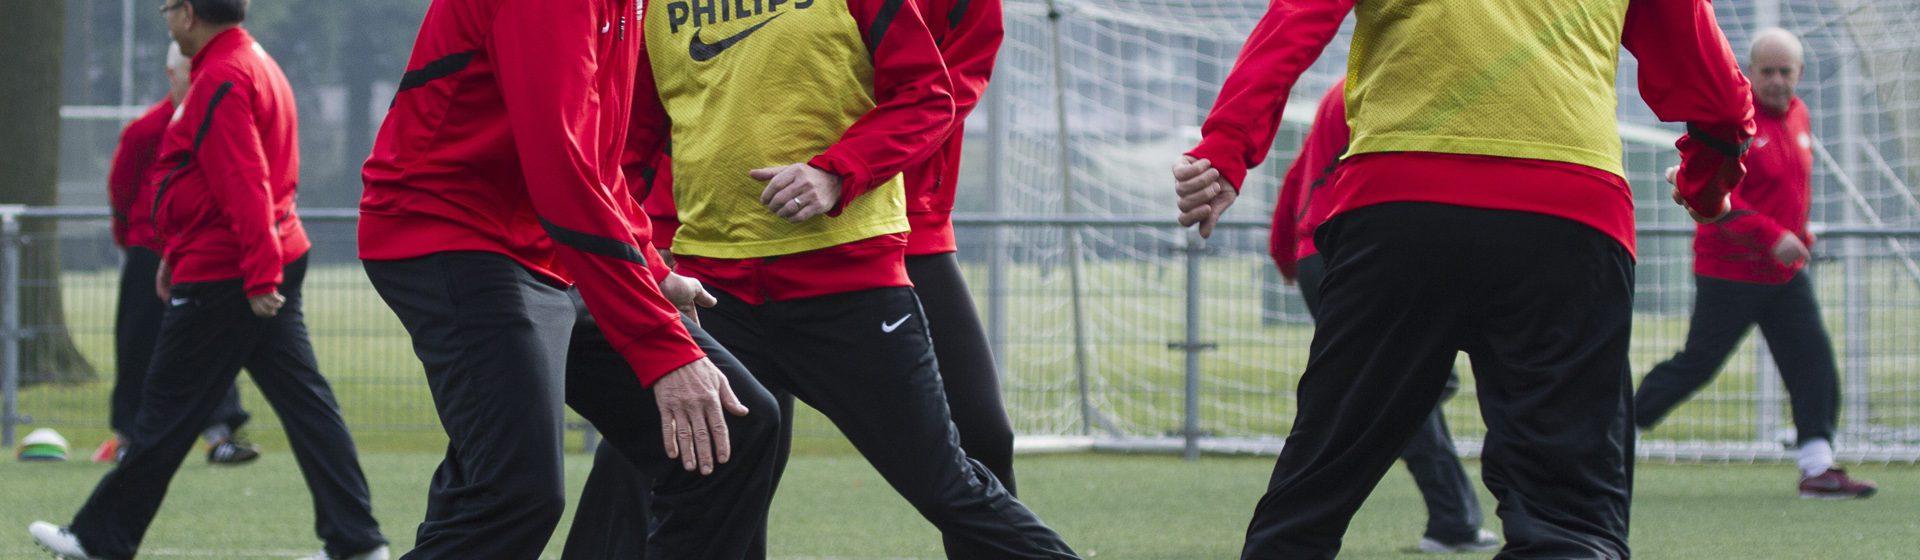 PSV header